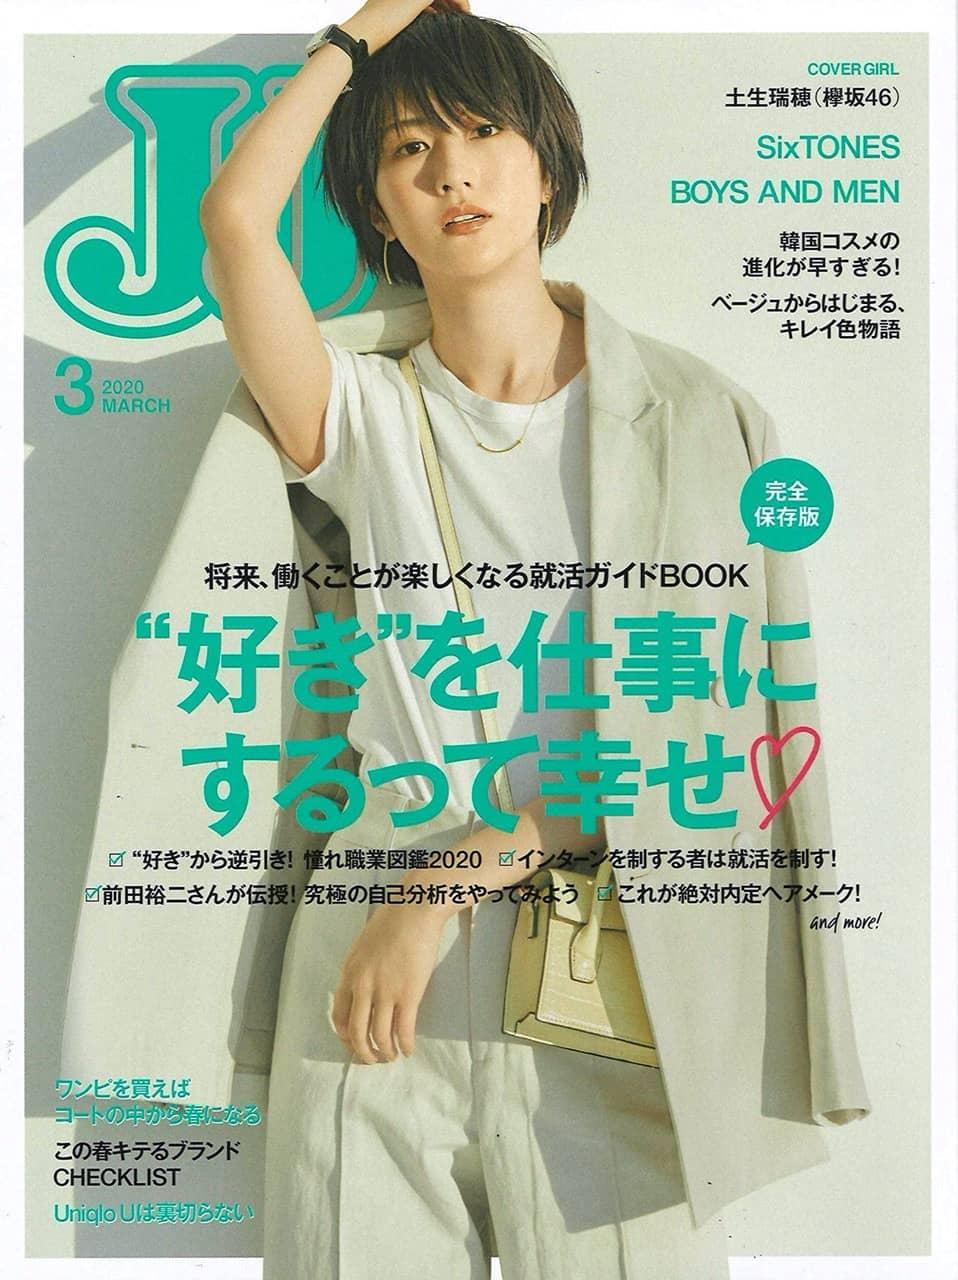 欅坂46 土生瑞穂が表紙に登場「JJ 2020年3月号」1/23発売!